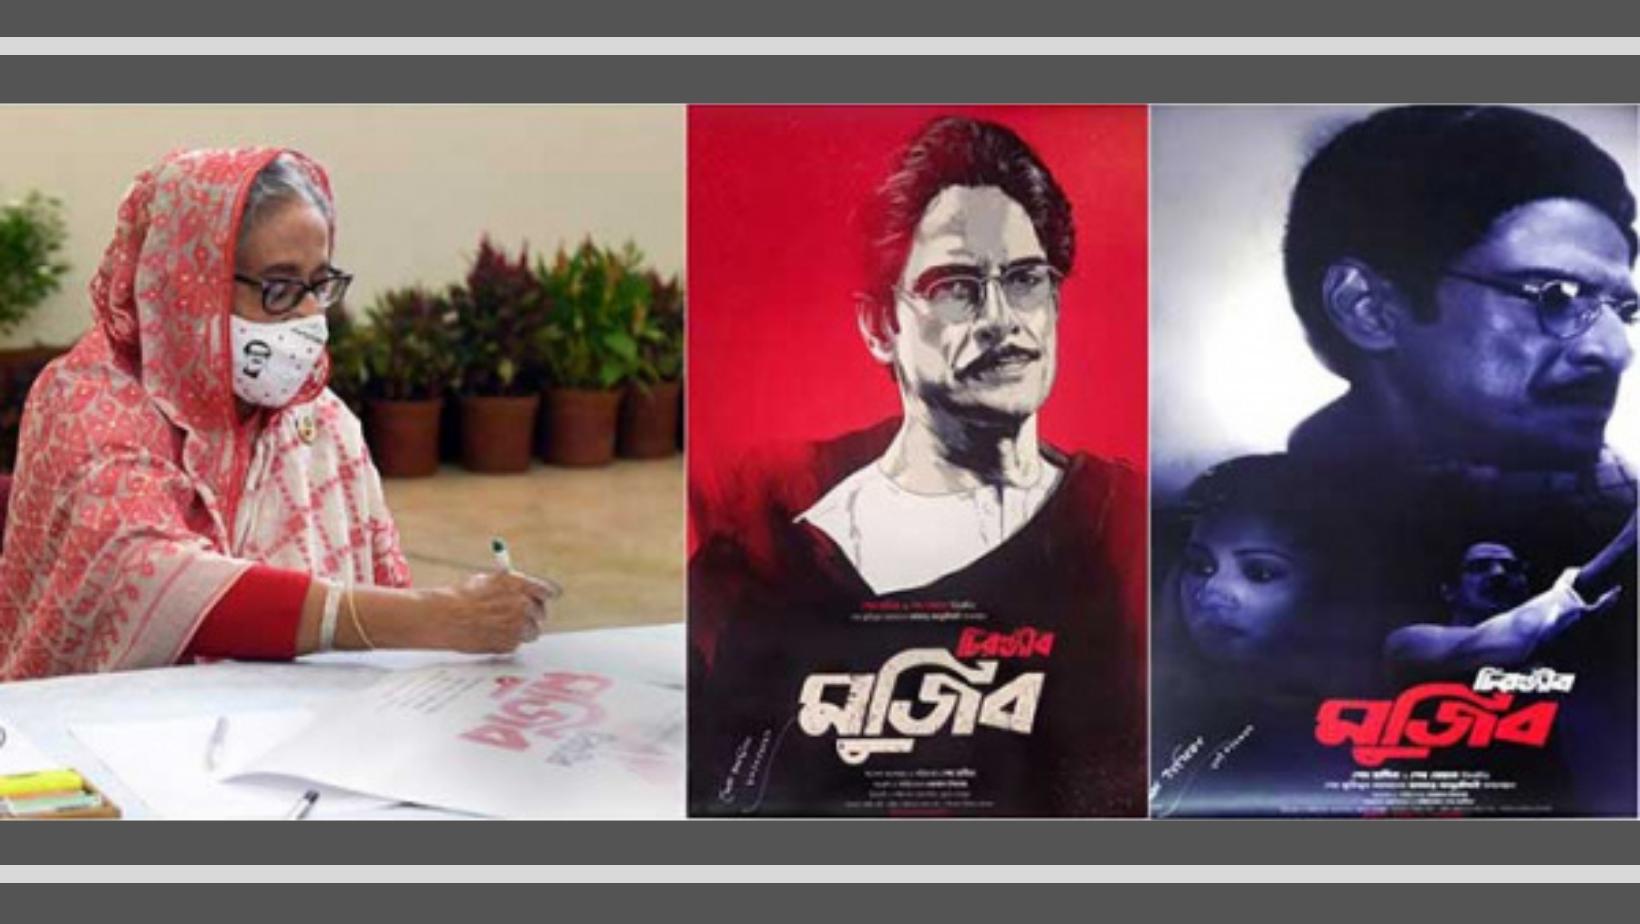 'চিরঞ্জীব মুজিব' চলচ্চিত্রের পোস্টার উদ্বোধন করলেন প্রধানমন্ত্রী